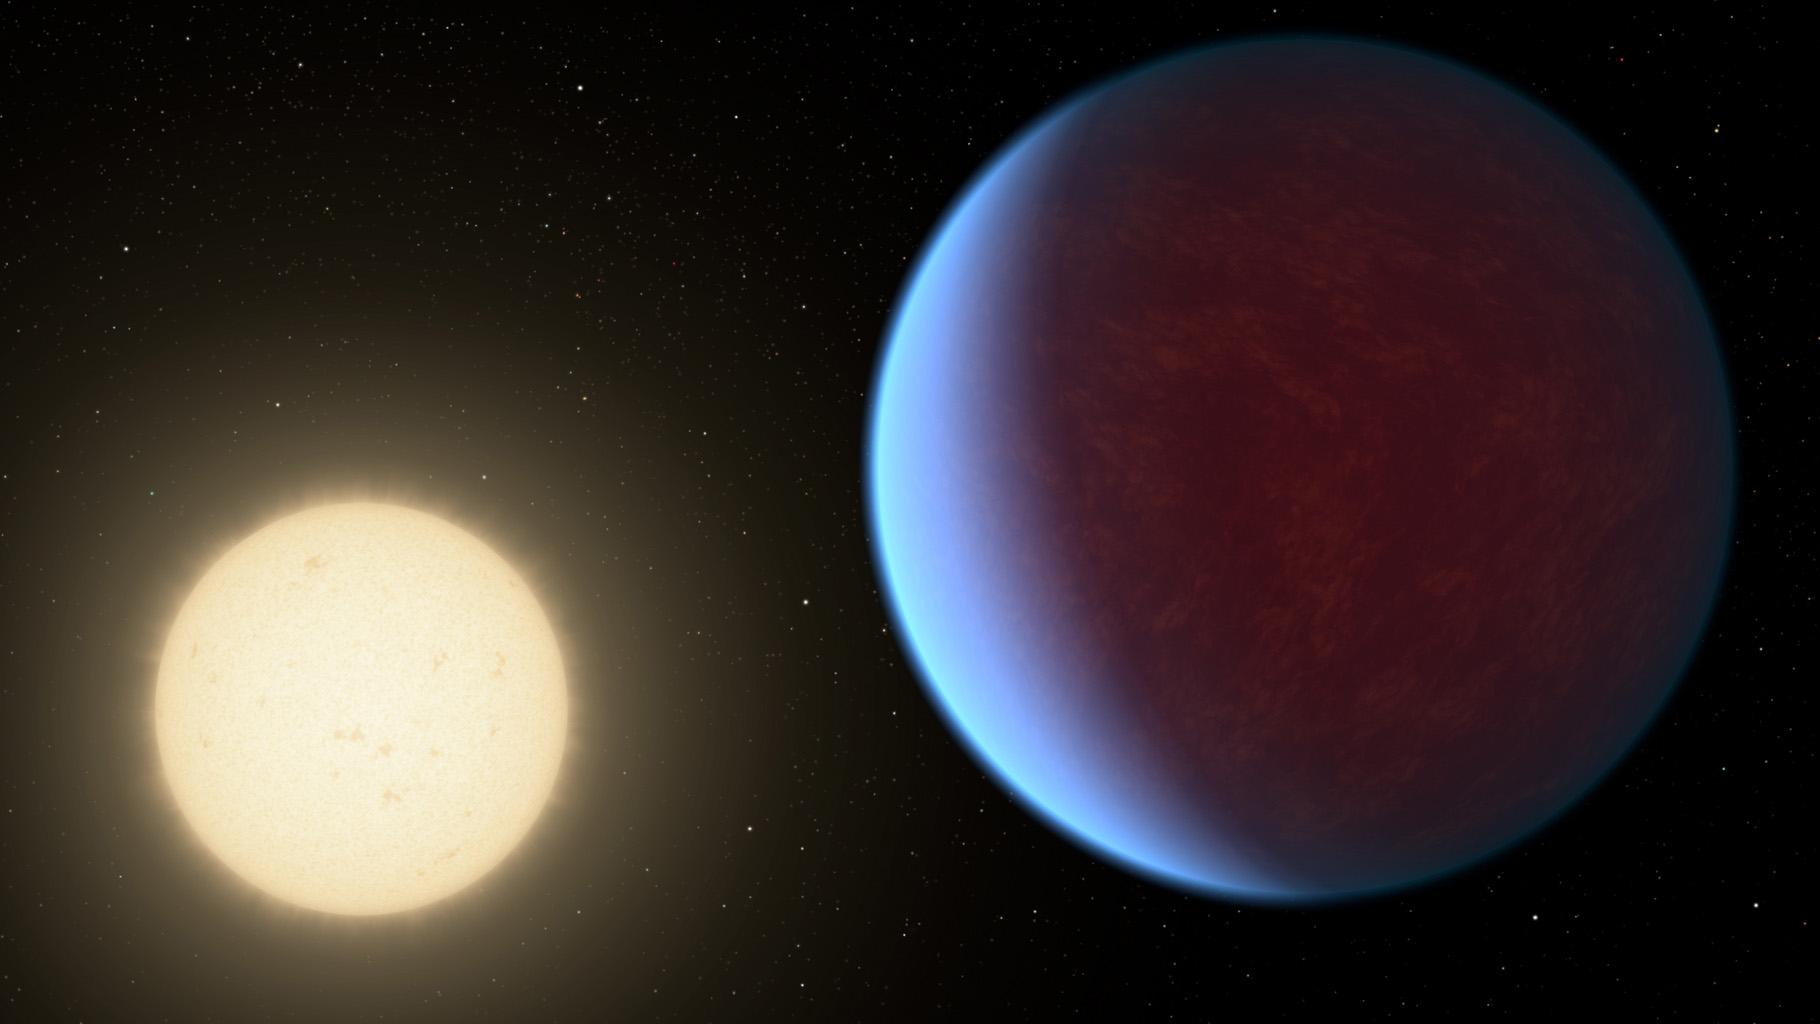 Близкая кЗемле экзопланета Янссен имеет схожую сней атмосферу— Ученые